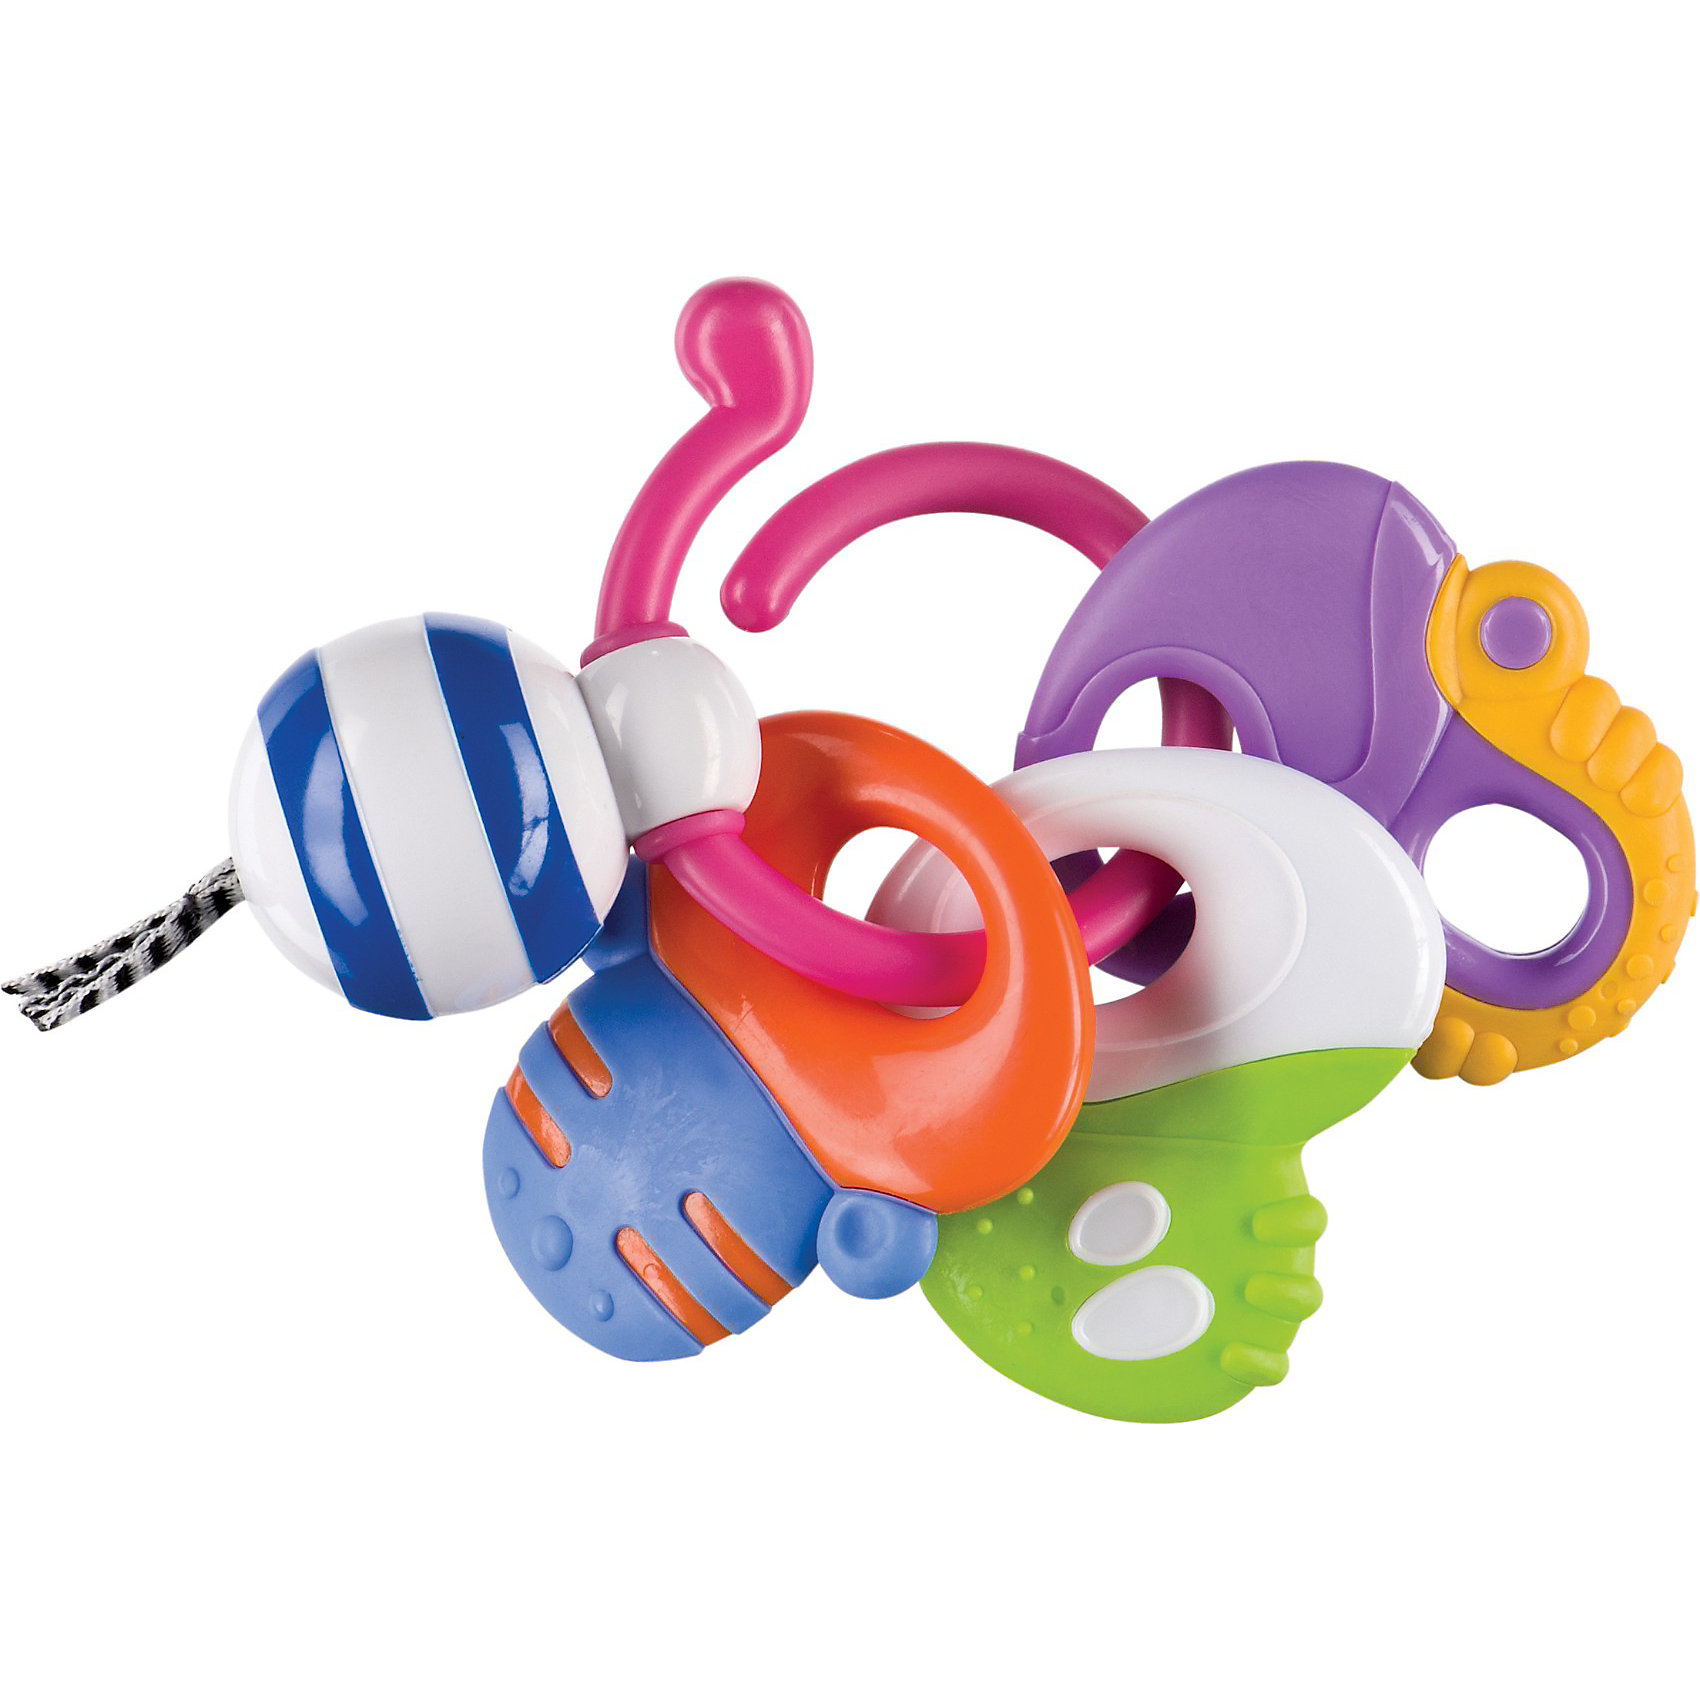 Погремушка-прорезыватель Веселые ключи,  Happy BabyИдеи подарков<br>Погремушка-прорезыватель Веселые ключи,  Happy Baby (Хэппи Беби) – яркая погремушка-прорезыватель с мягкой текстурированной поверхностью.<br>Развивающая игрушка-прорезыватель Happy Baby Веселые ключи выполнена из яркого безопасного пластика в виде незамкнутого кольца, к которому крепятся три ключика-прорезывателя. Каждый ключик имеет удобную форму и рельефную поверхность, которая эффективно массирует десны ребенка и уменьшает дискомфорт при появлении зубов. Малыш с удовольствием будет передвигать ключики из стороны в сторону. Также к кольцу крепится подвижный шарик с тремя короткими текстильными шнурочками. Погремушка-прорезыватель Веселые ключи поможет ребенку в развитии цветового и звукового восприятия, мелкой моторики рук и тактильных ощущений.<br><br>Дополнительная информация:<br><br>- Размер: 14 х 5,5 х 13 см.<br>- Размер упаковки: 20,5 x 14,5 x 5,5 см.<br><br>Погремушку-прорезыватель Веселые ключи,  Happy Baby (Хэппи Беби) можно купить в нашем интернет-магазине.<br><br>Ширина мм: 205<br>Глубина мм: 20<br>Высота мм: 145<br>Вес г: 112<br>Возраст от месяцев: 3<br>Возраст до месяцев: 36<br>Пол: Унисекс<br>Возраст: Детский<br>SKU: 3918477